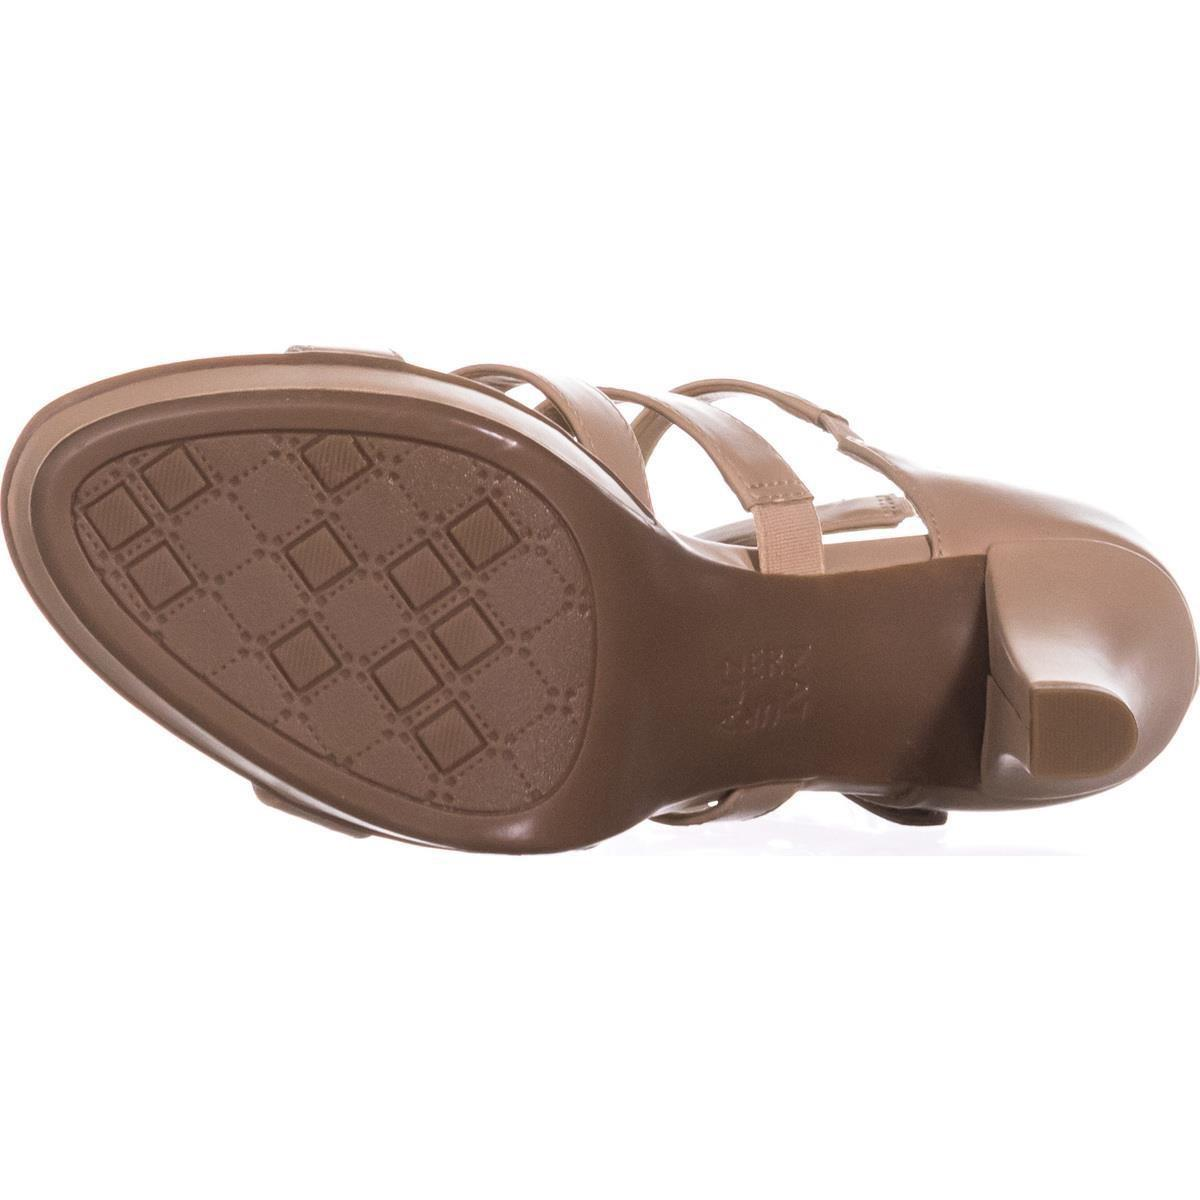 21a335a93823 Lyst - Naturalizer Dessie Strappy Platform Sandals